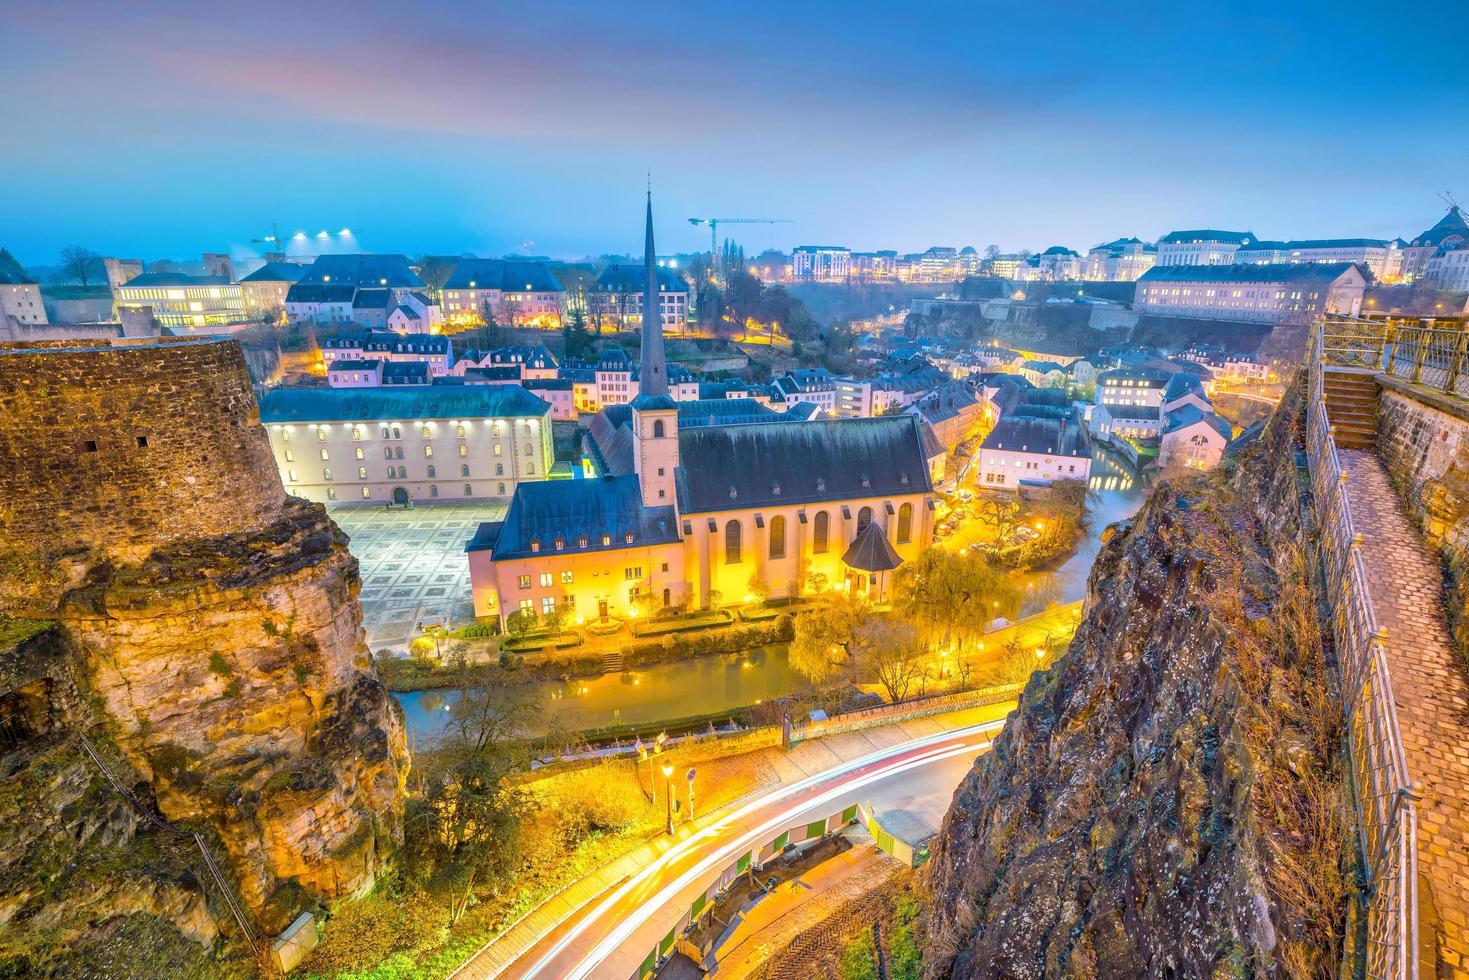 Toits de la vieille ville de la ville de luxembourg à partir de la vue de dessus photo